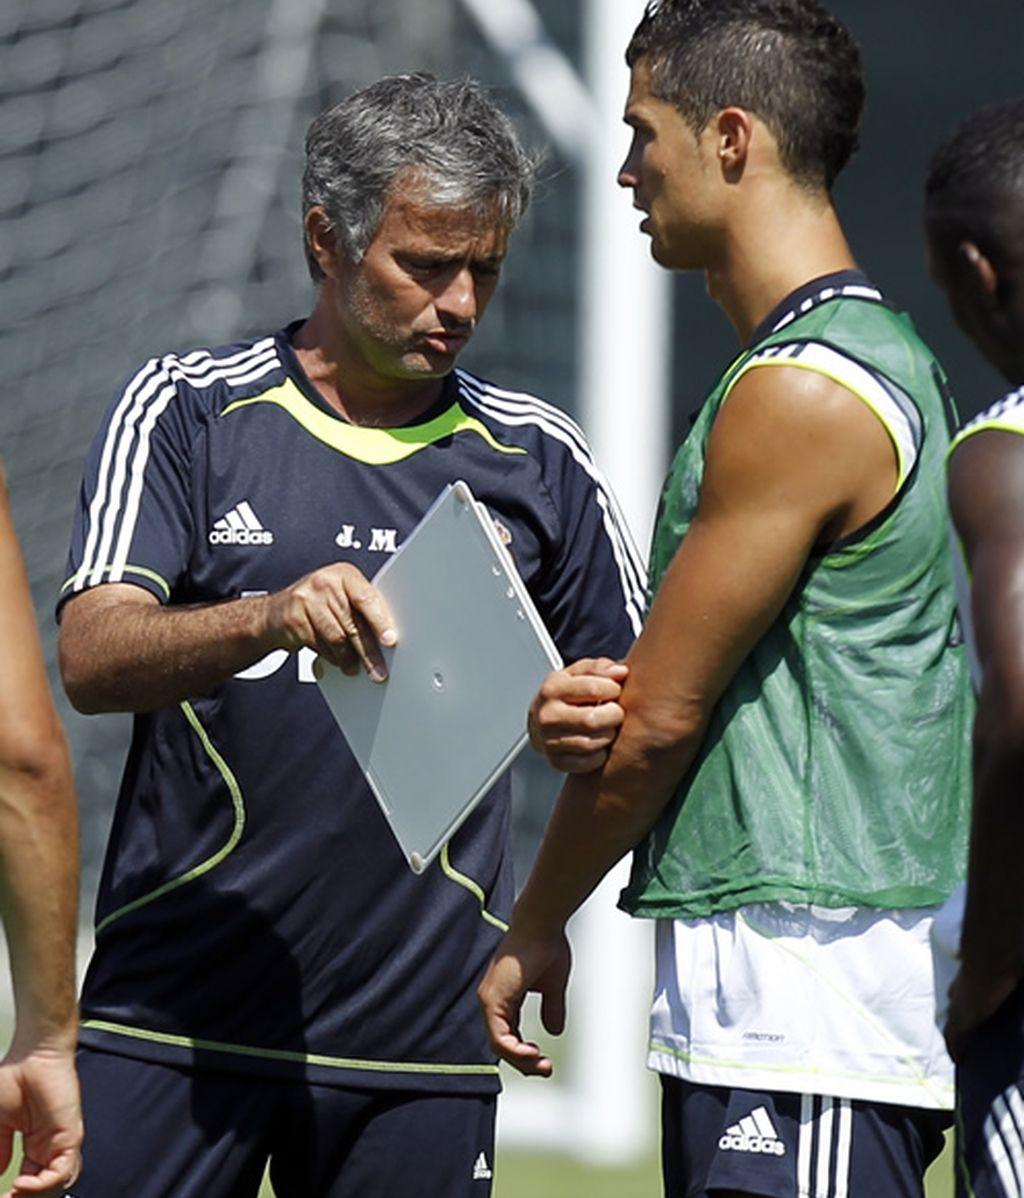 Recibiendo instrucciones de Mourinho